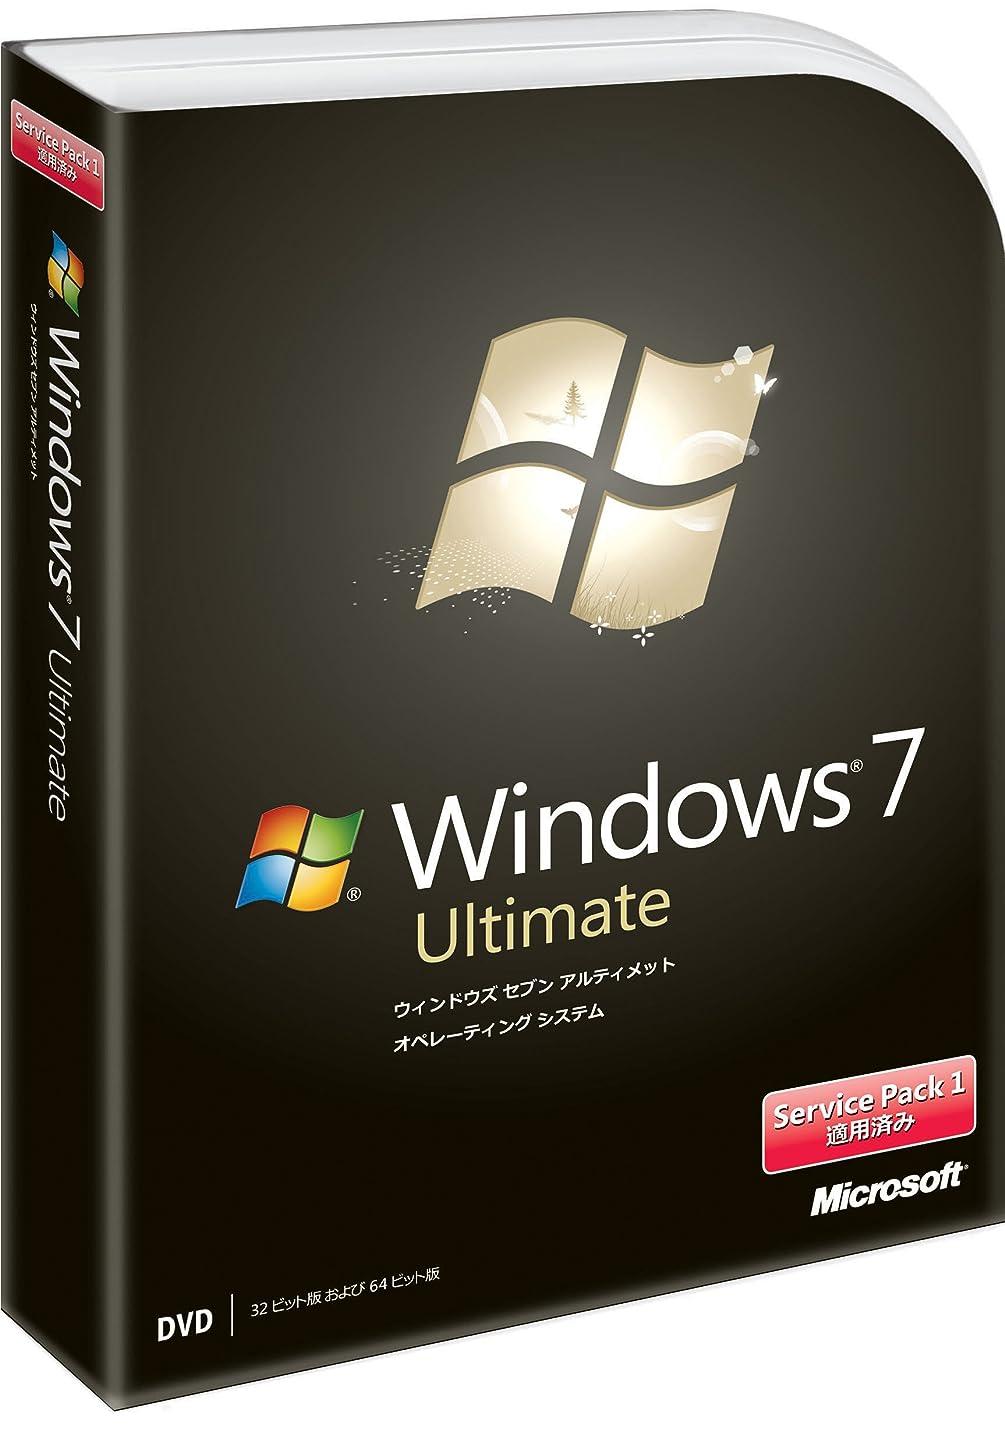 ワイヤーかかわらずお肉【旧商品】Microsoft Windows 7 Ultimate 通常版 Service Pack 1 適用済み